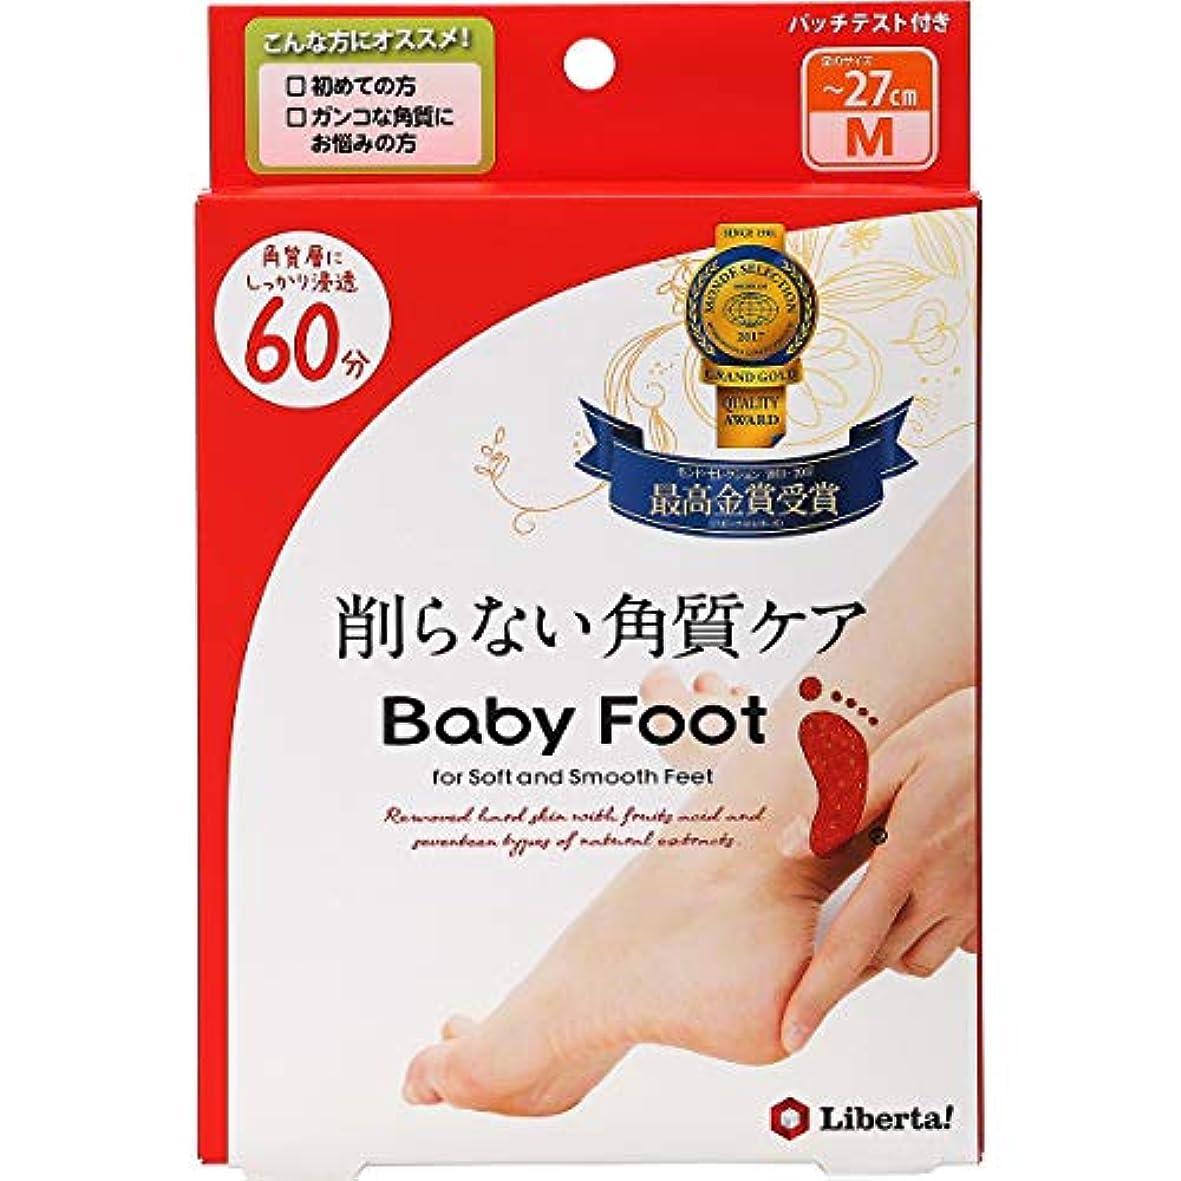 作成者枠天窓ベビーフット (Baby Foot) ベビーフット イージーパック SPT60分タイプ Mサイズ 単品